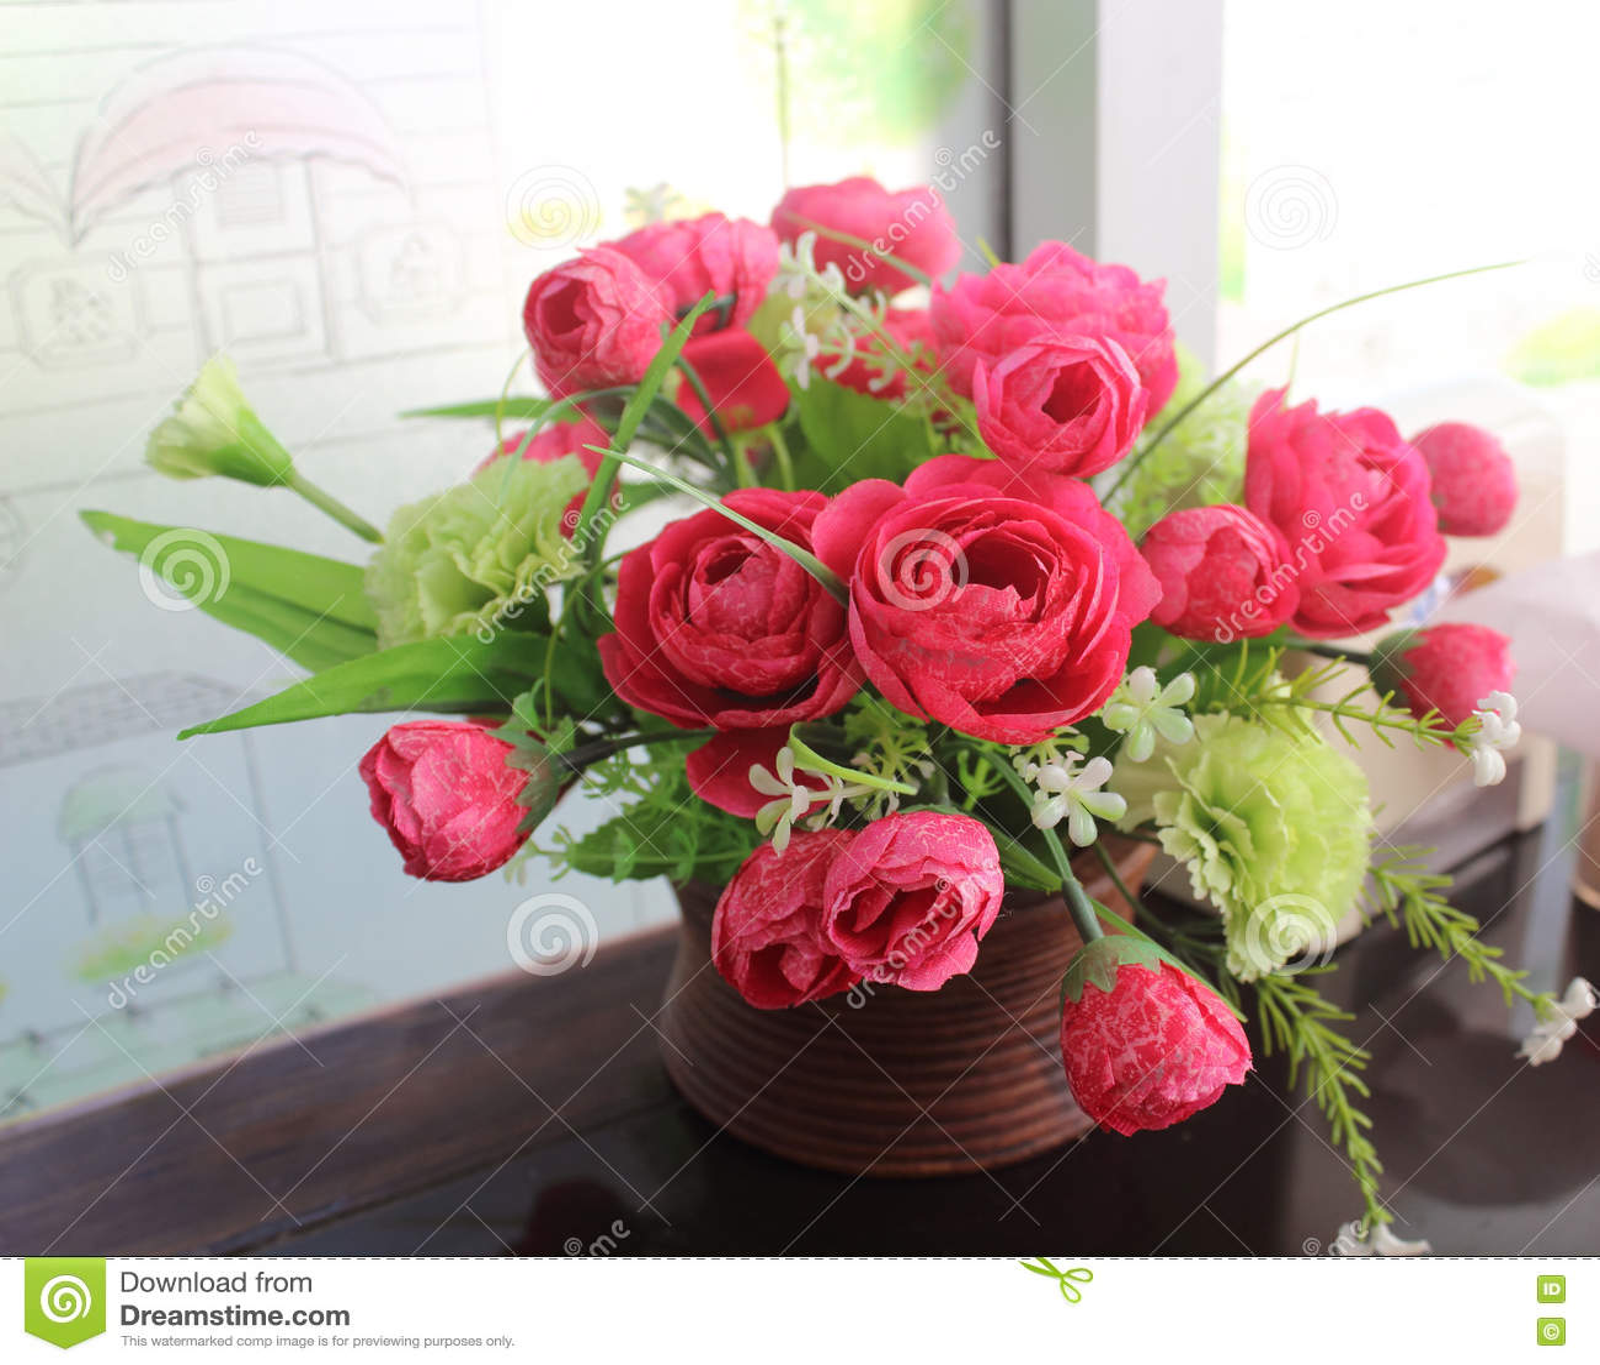 Fonkelnieuw Een Bos Van Mooie Kunstbloemen In Een Vaas Stock Foto - Afbeelding SC-95